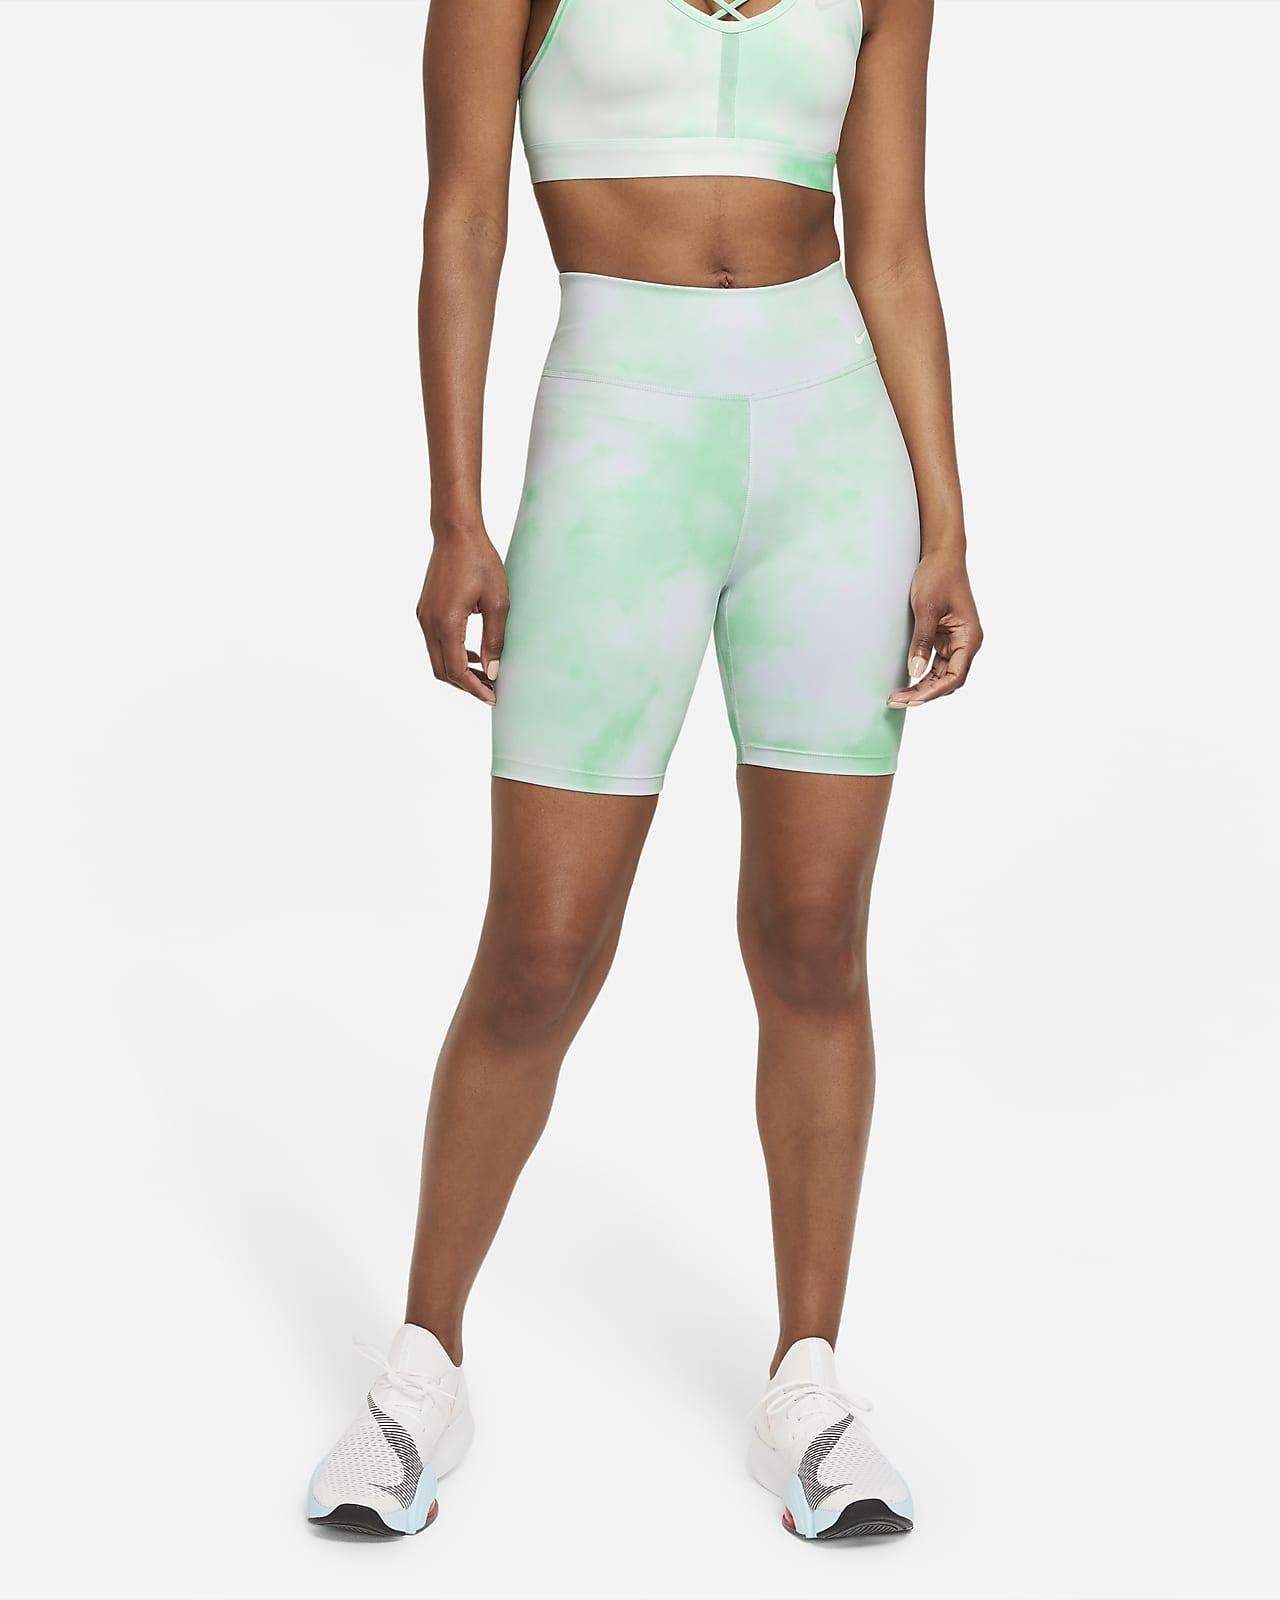 Γυναικείο εμπριμέ σορτς 18 cm Nike One Icon Clash